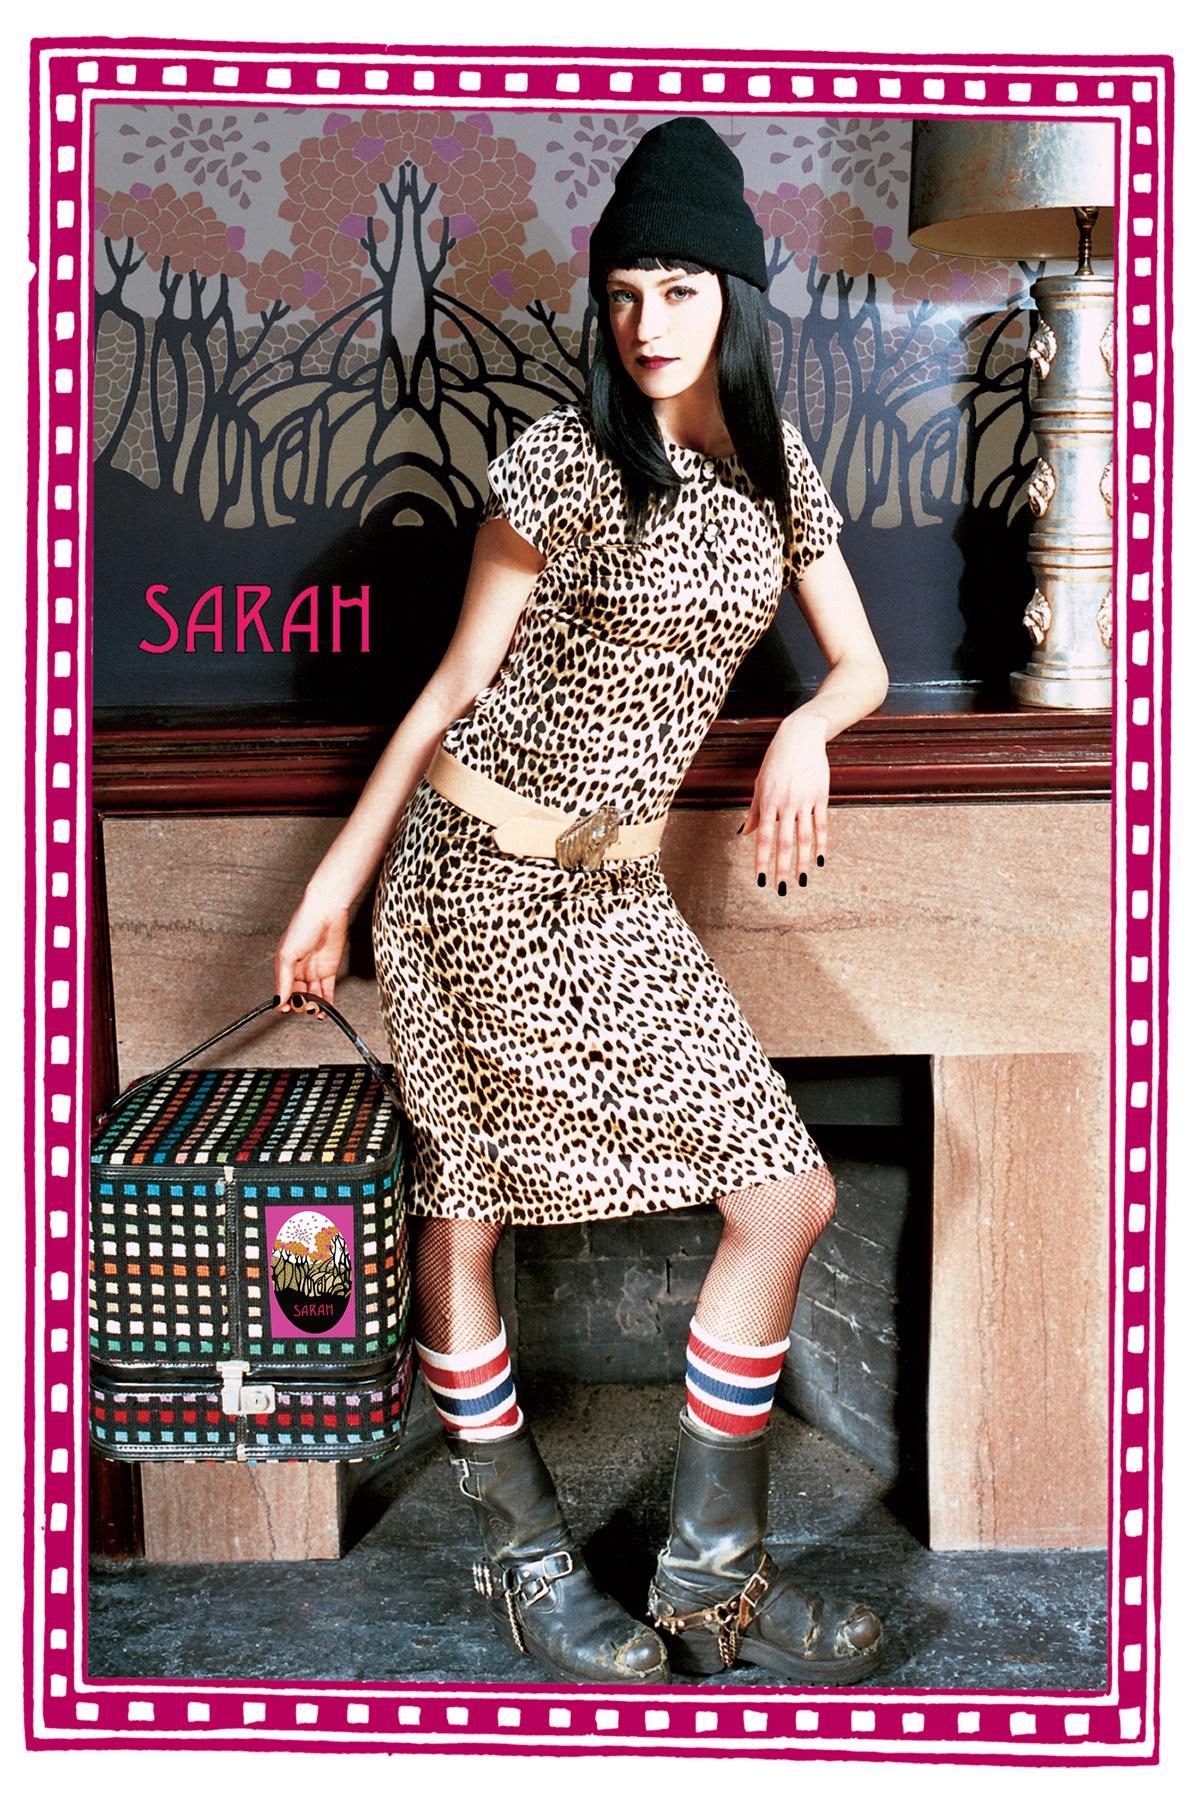 sarah-poster.jpg